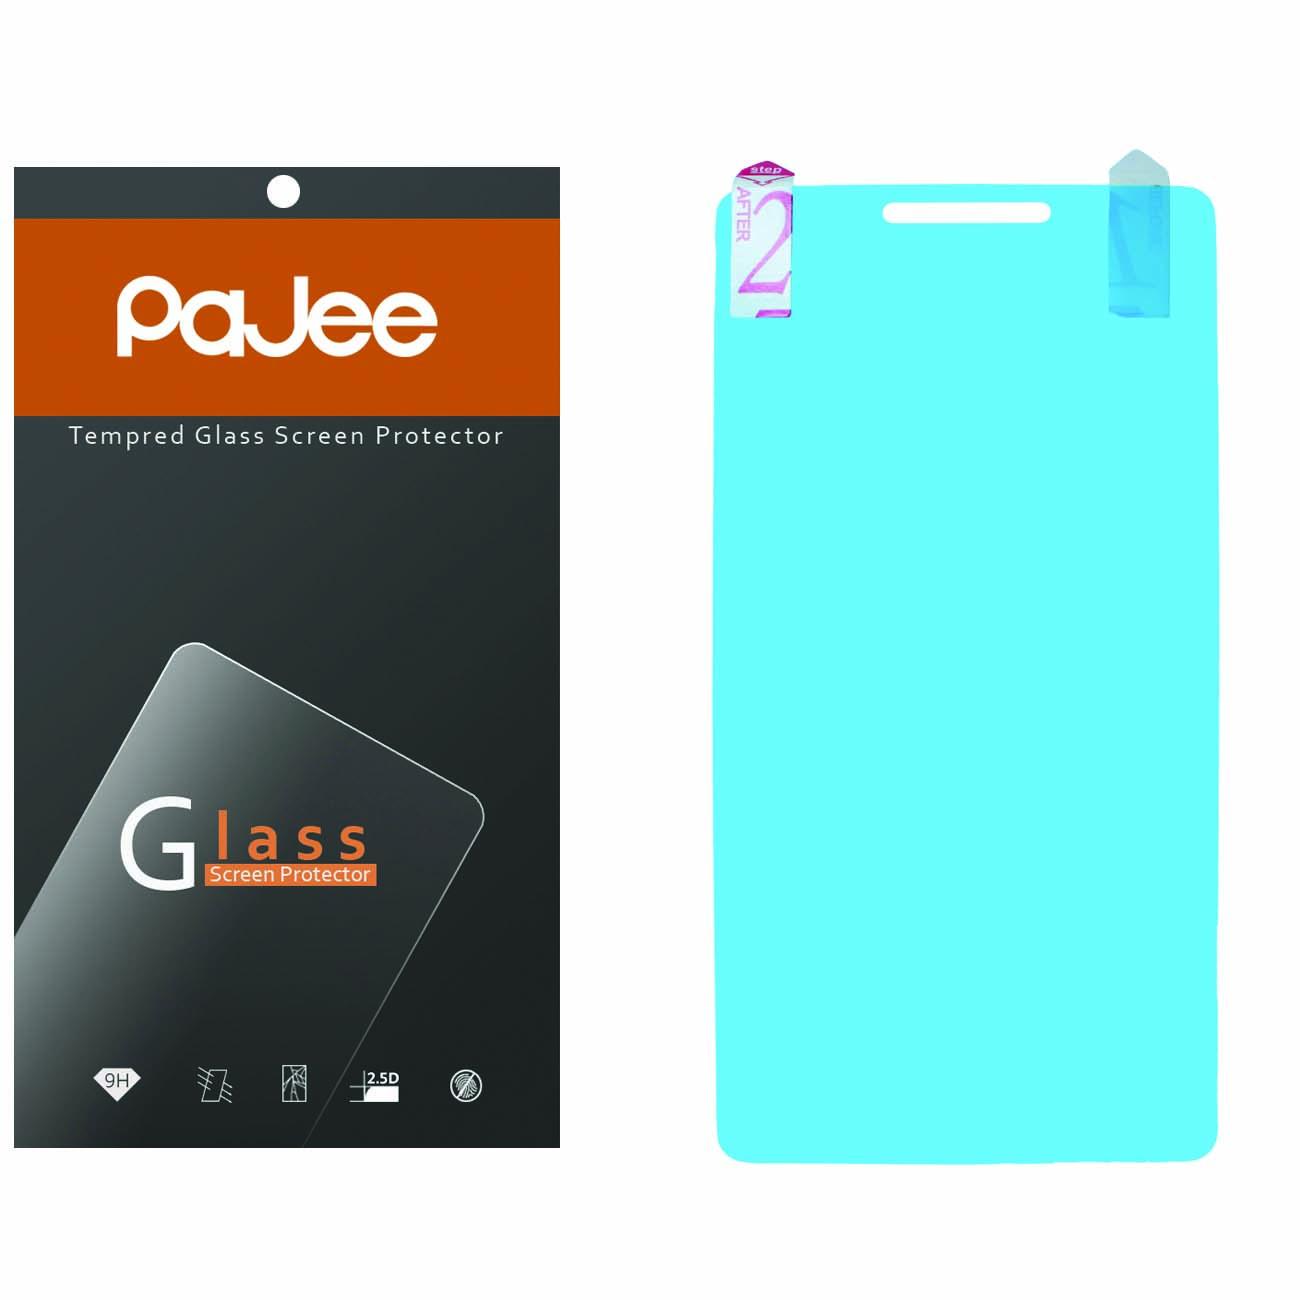 محافظ صفحه نمایش پاجی مدل P.RN4XN مناسب برای گوشی موبایل شیائومی Redmi Note 4x